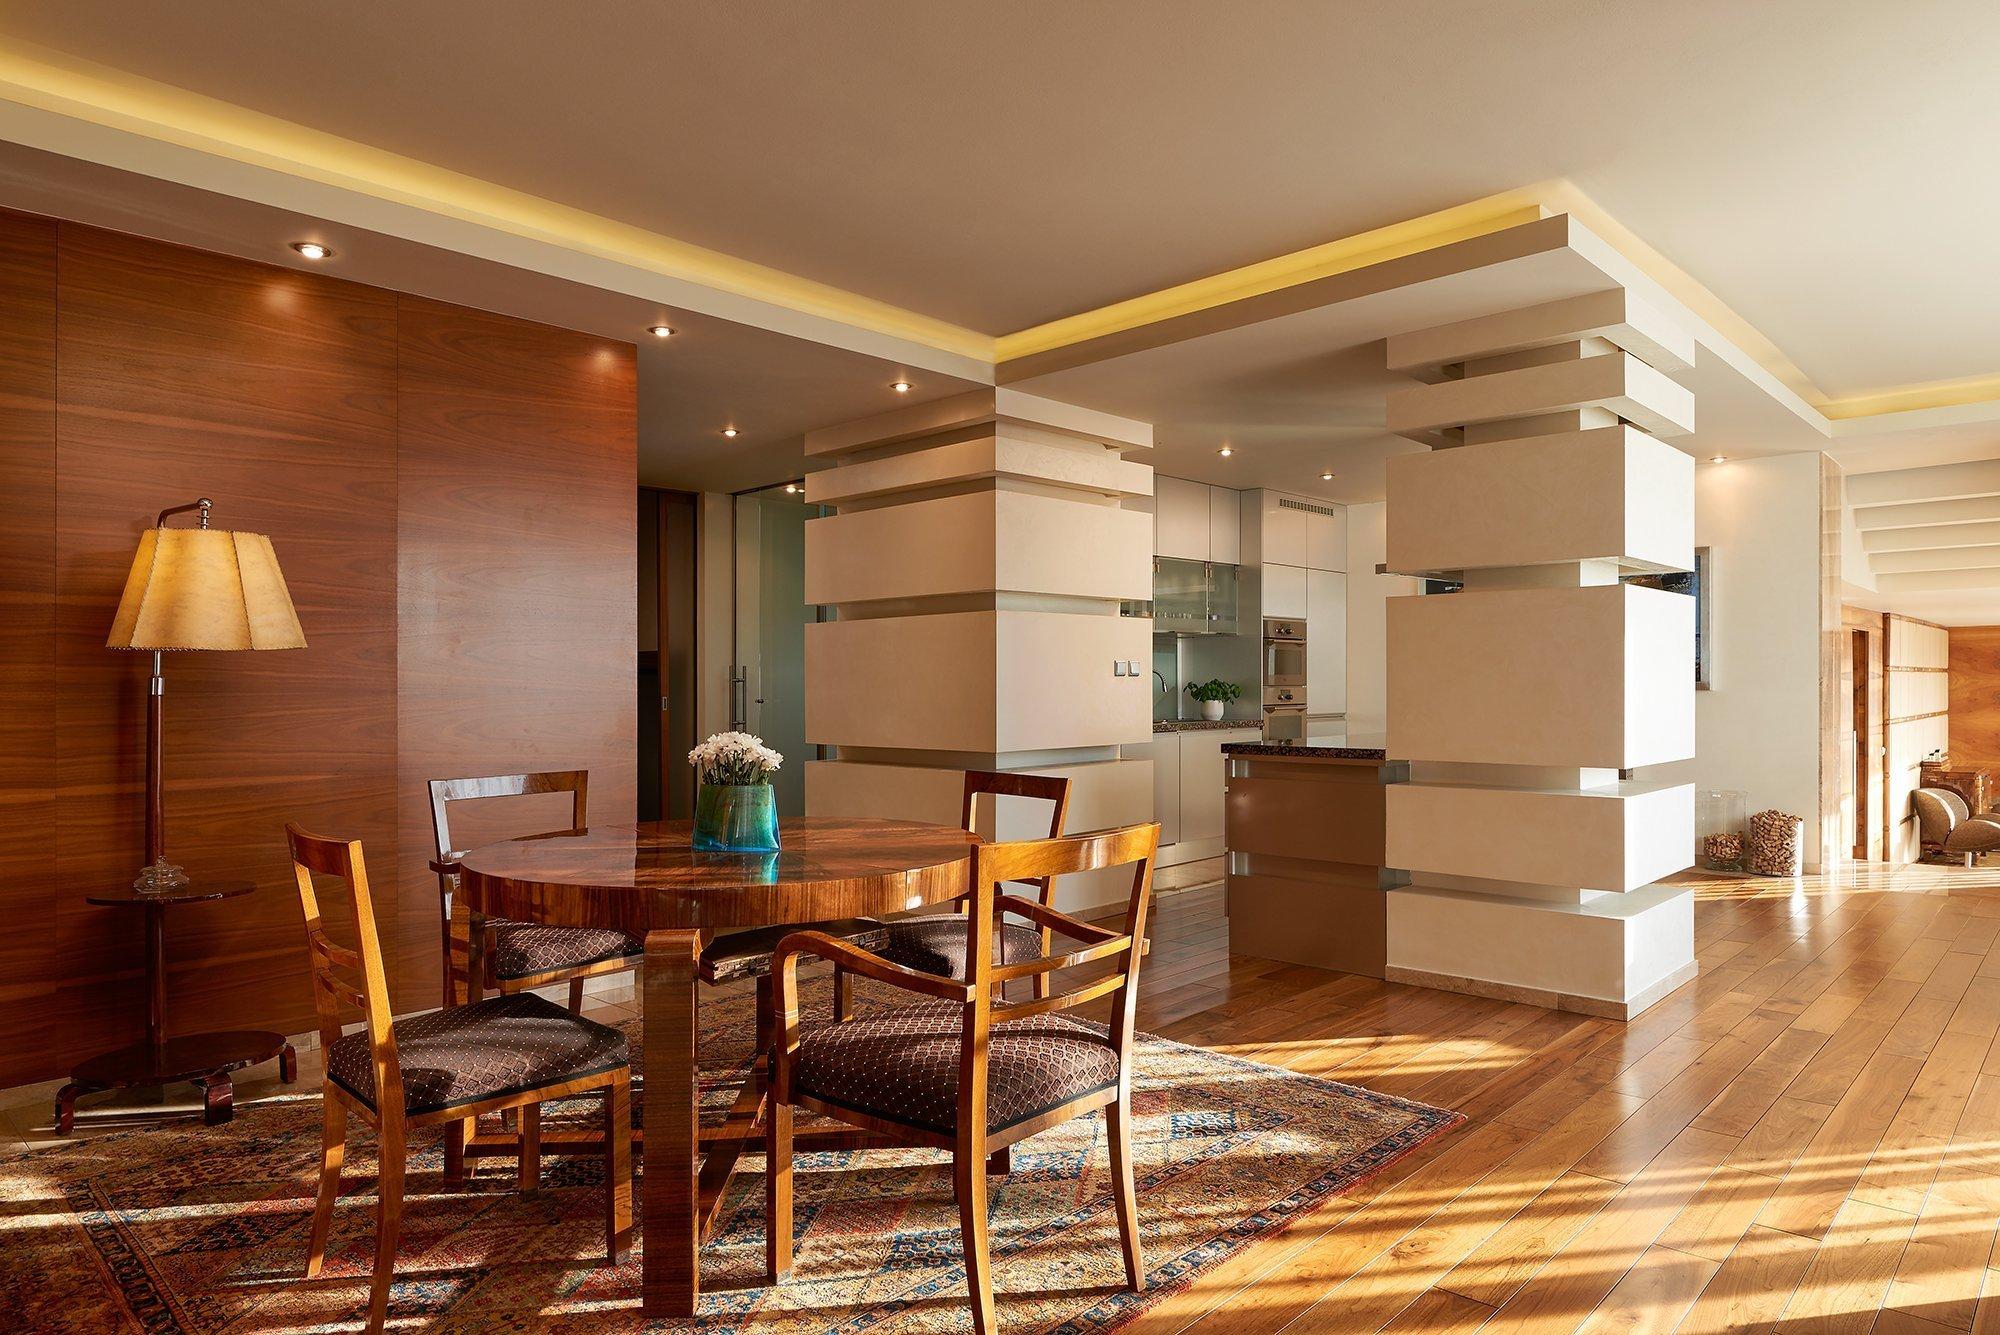 Unikátní penthouse Jeseniova je jedinečný apartmán se střešní zahradou,krytým bazénem, kulečníkem, fitness centrem a poutavým výhledem na Prahu z každé…